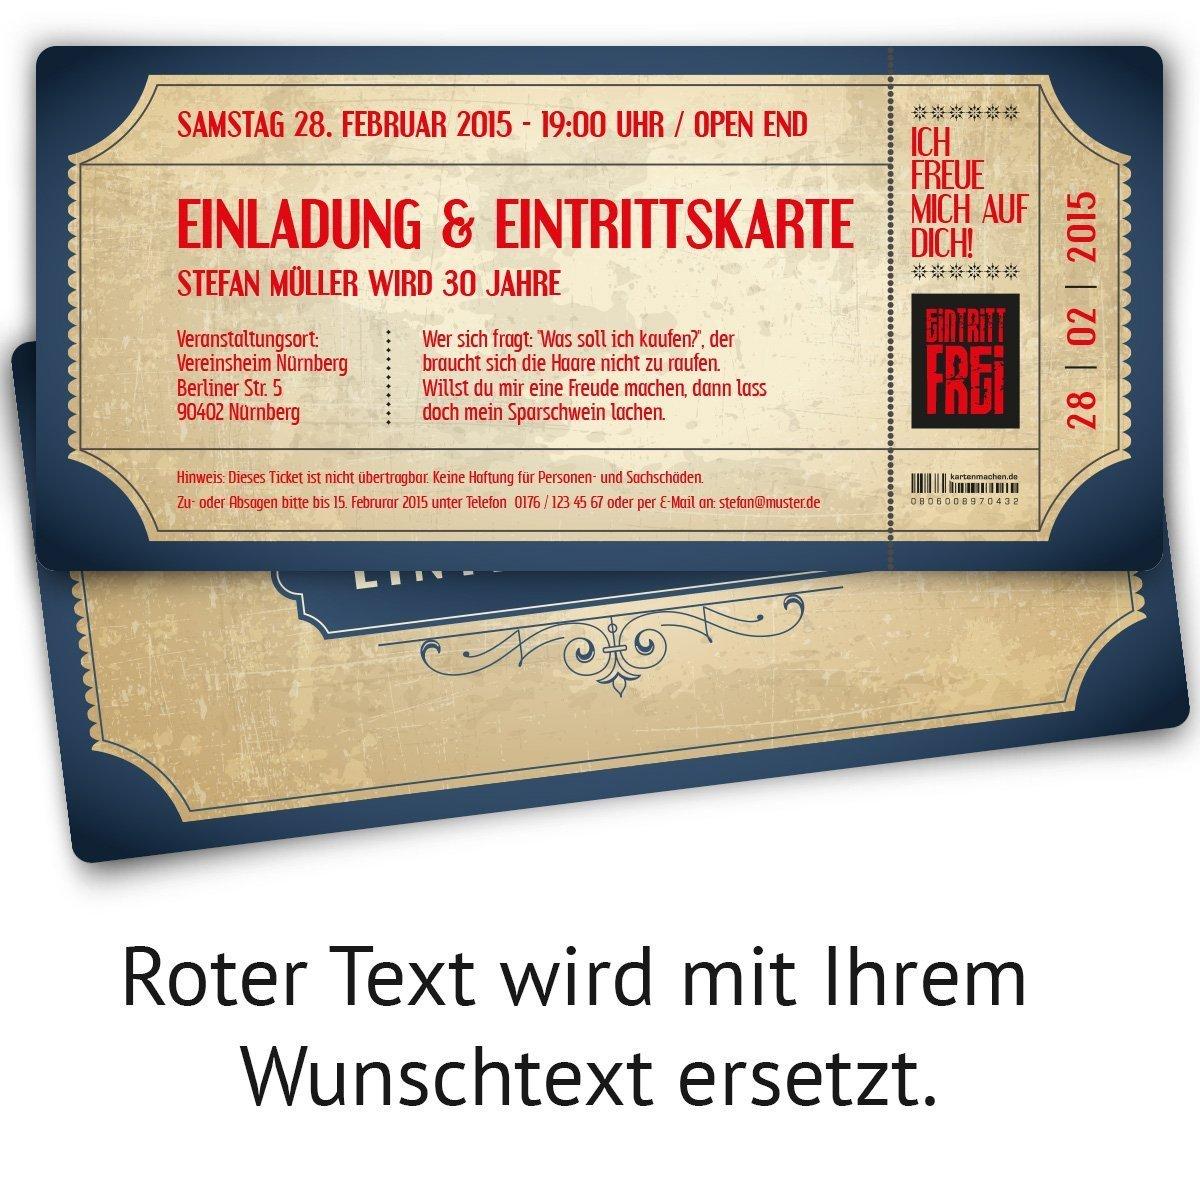 Einladungskarten zum Geburtstag (60 Stück) als Eintrittskarte im Vintage Ticket Ticket Ticket Look B00NPY2GBY | Discount  | Verschiedene  | Ausgezeichnete Qualität  6ef519